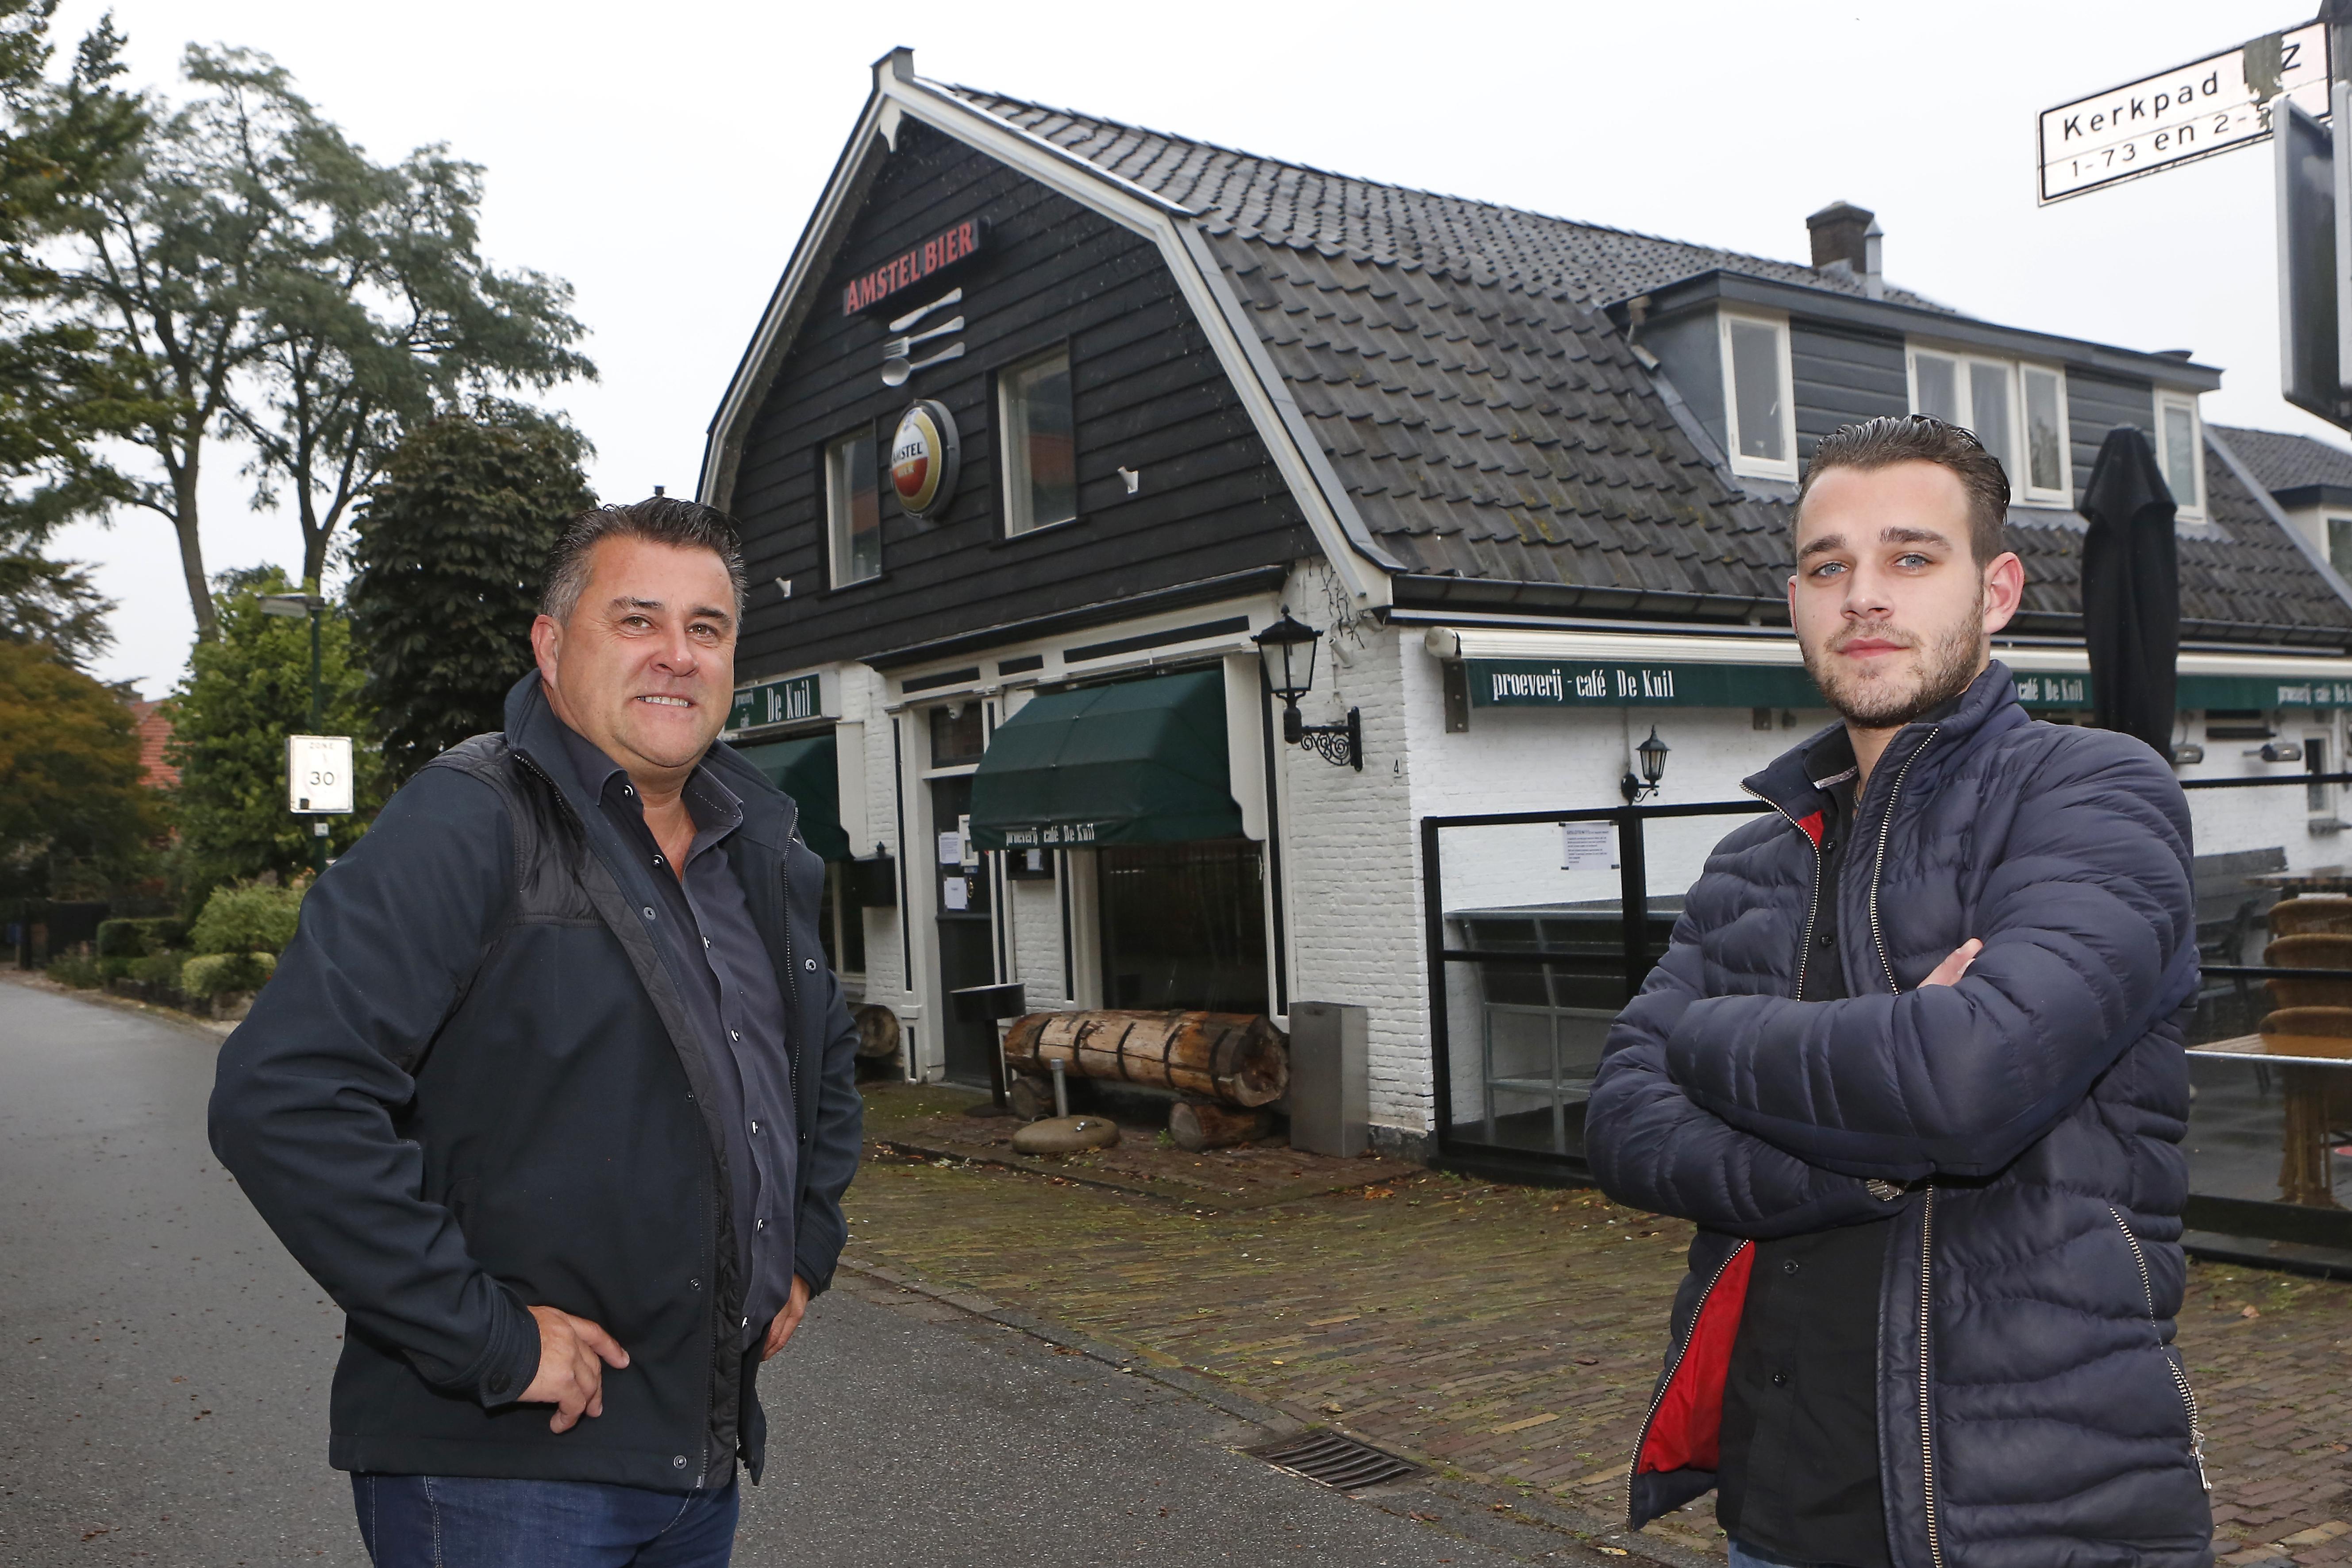 Een kroeg overnemen midden in de coronacrisis: Nino Brouwer (22) durft het aan en is samen met vader John de nieuwe eigenaar van het veelbesproken café De Kuil in Soest